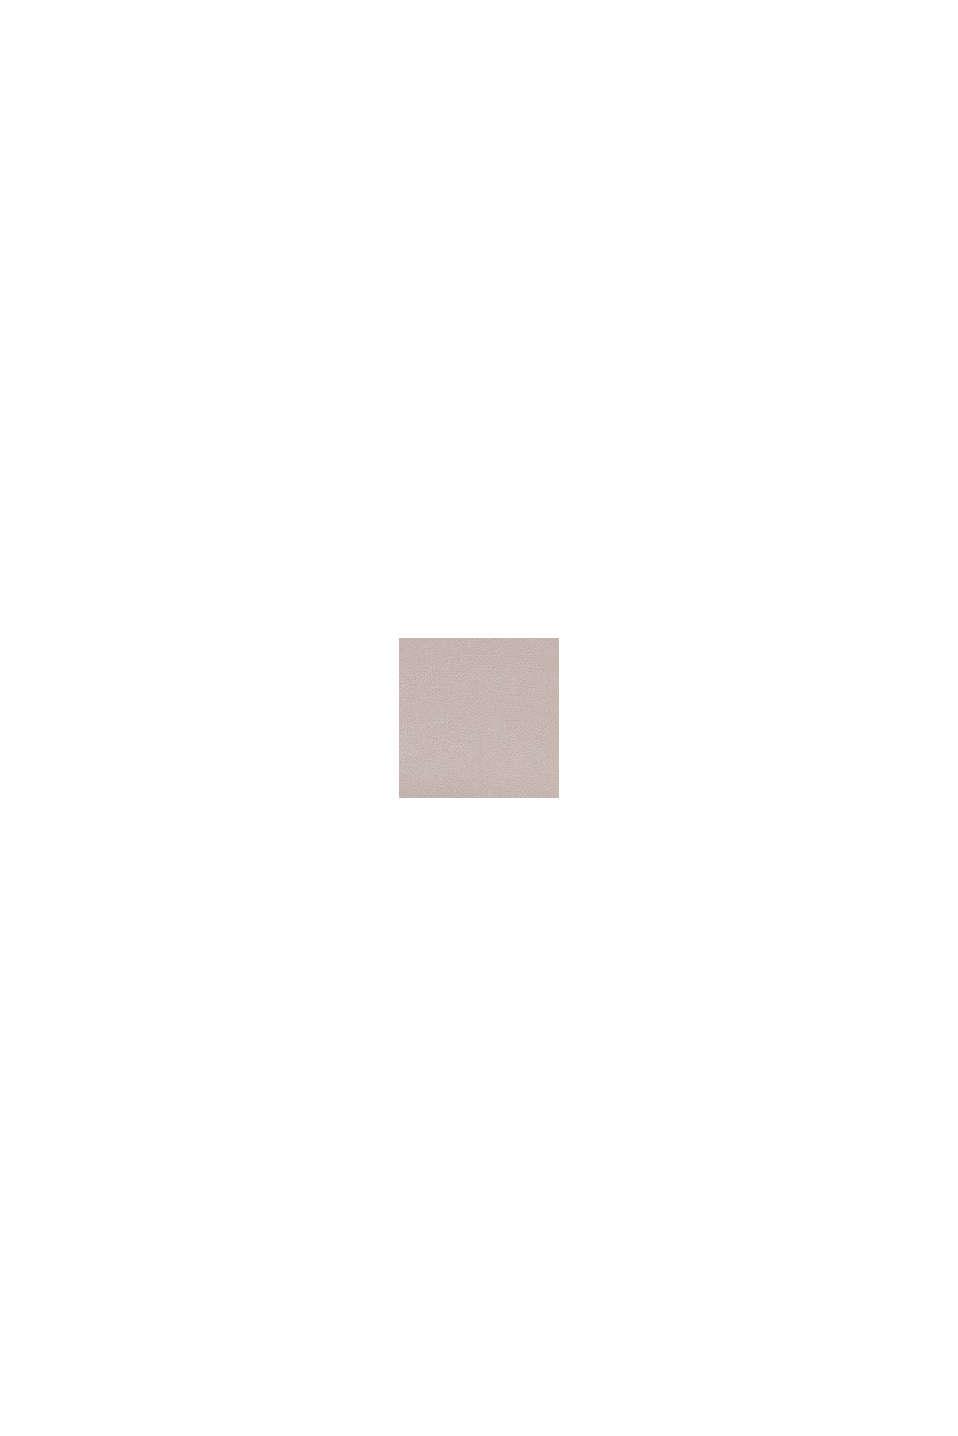 Jersey-Spannbettlaken mit Baumwolle, TAUPE, swatch